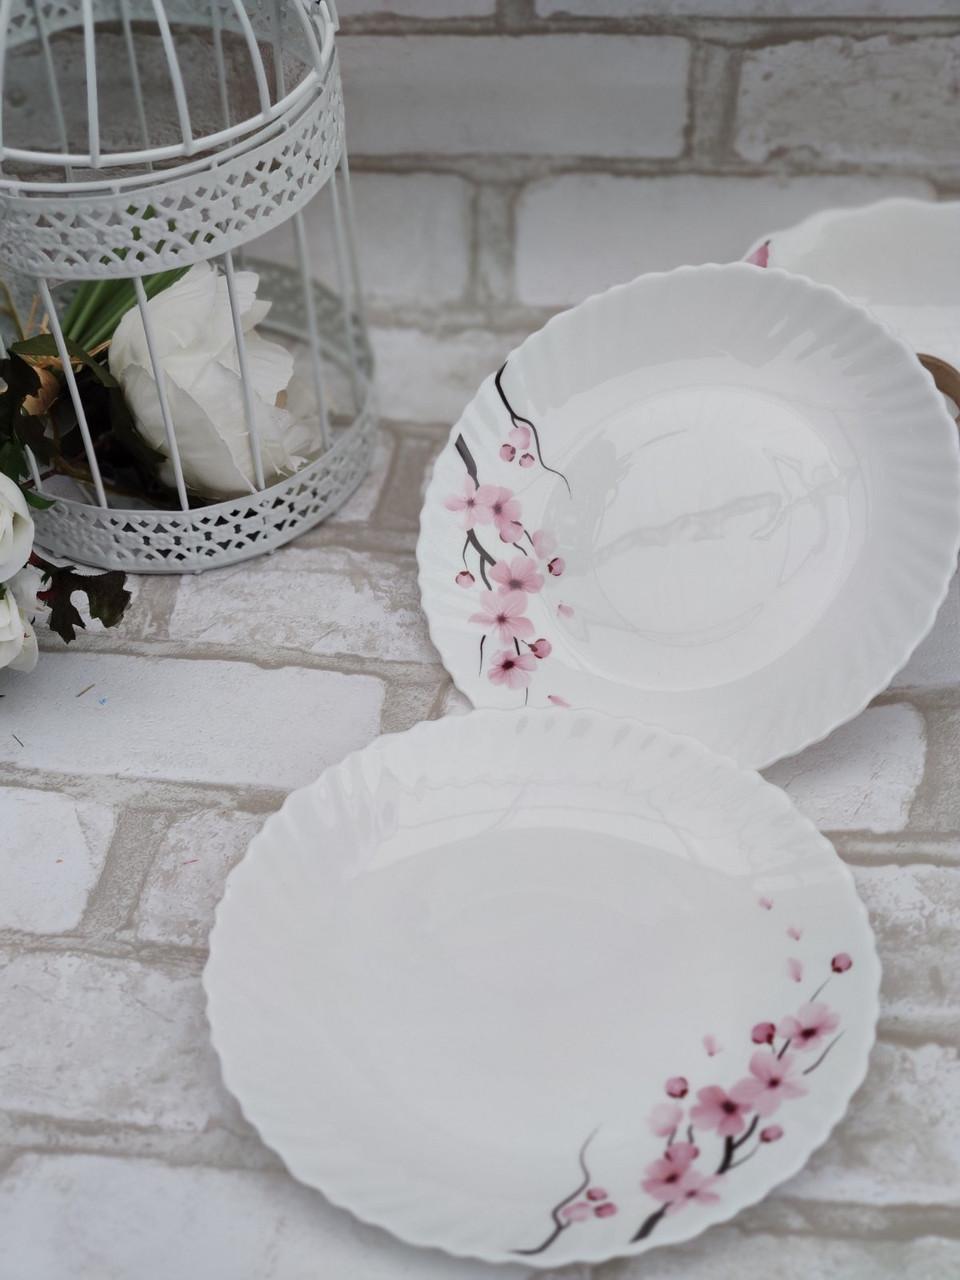 Тарілка закусочна із склокераміки декорована гілкою сакури, діаметр 19 см(продаж лише упаковками, 6шт/уп)